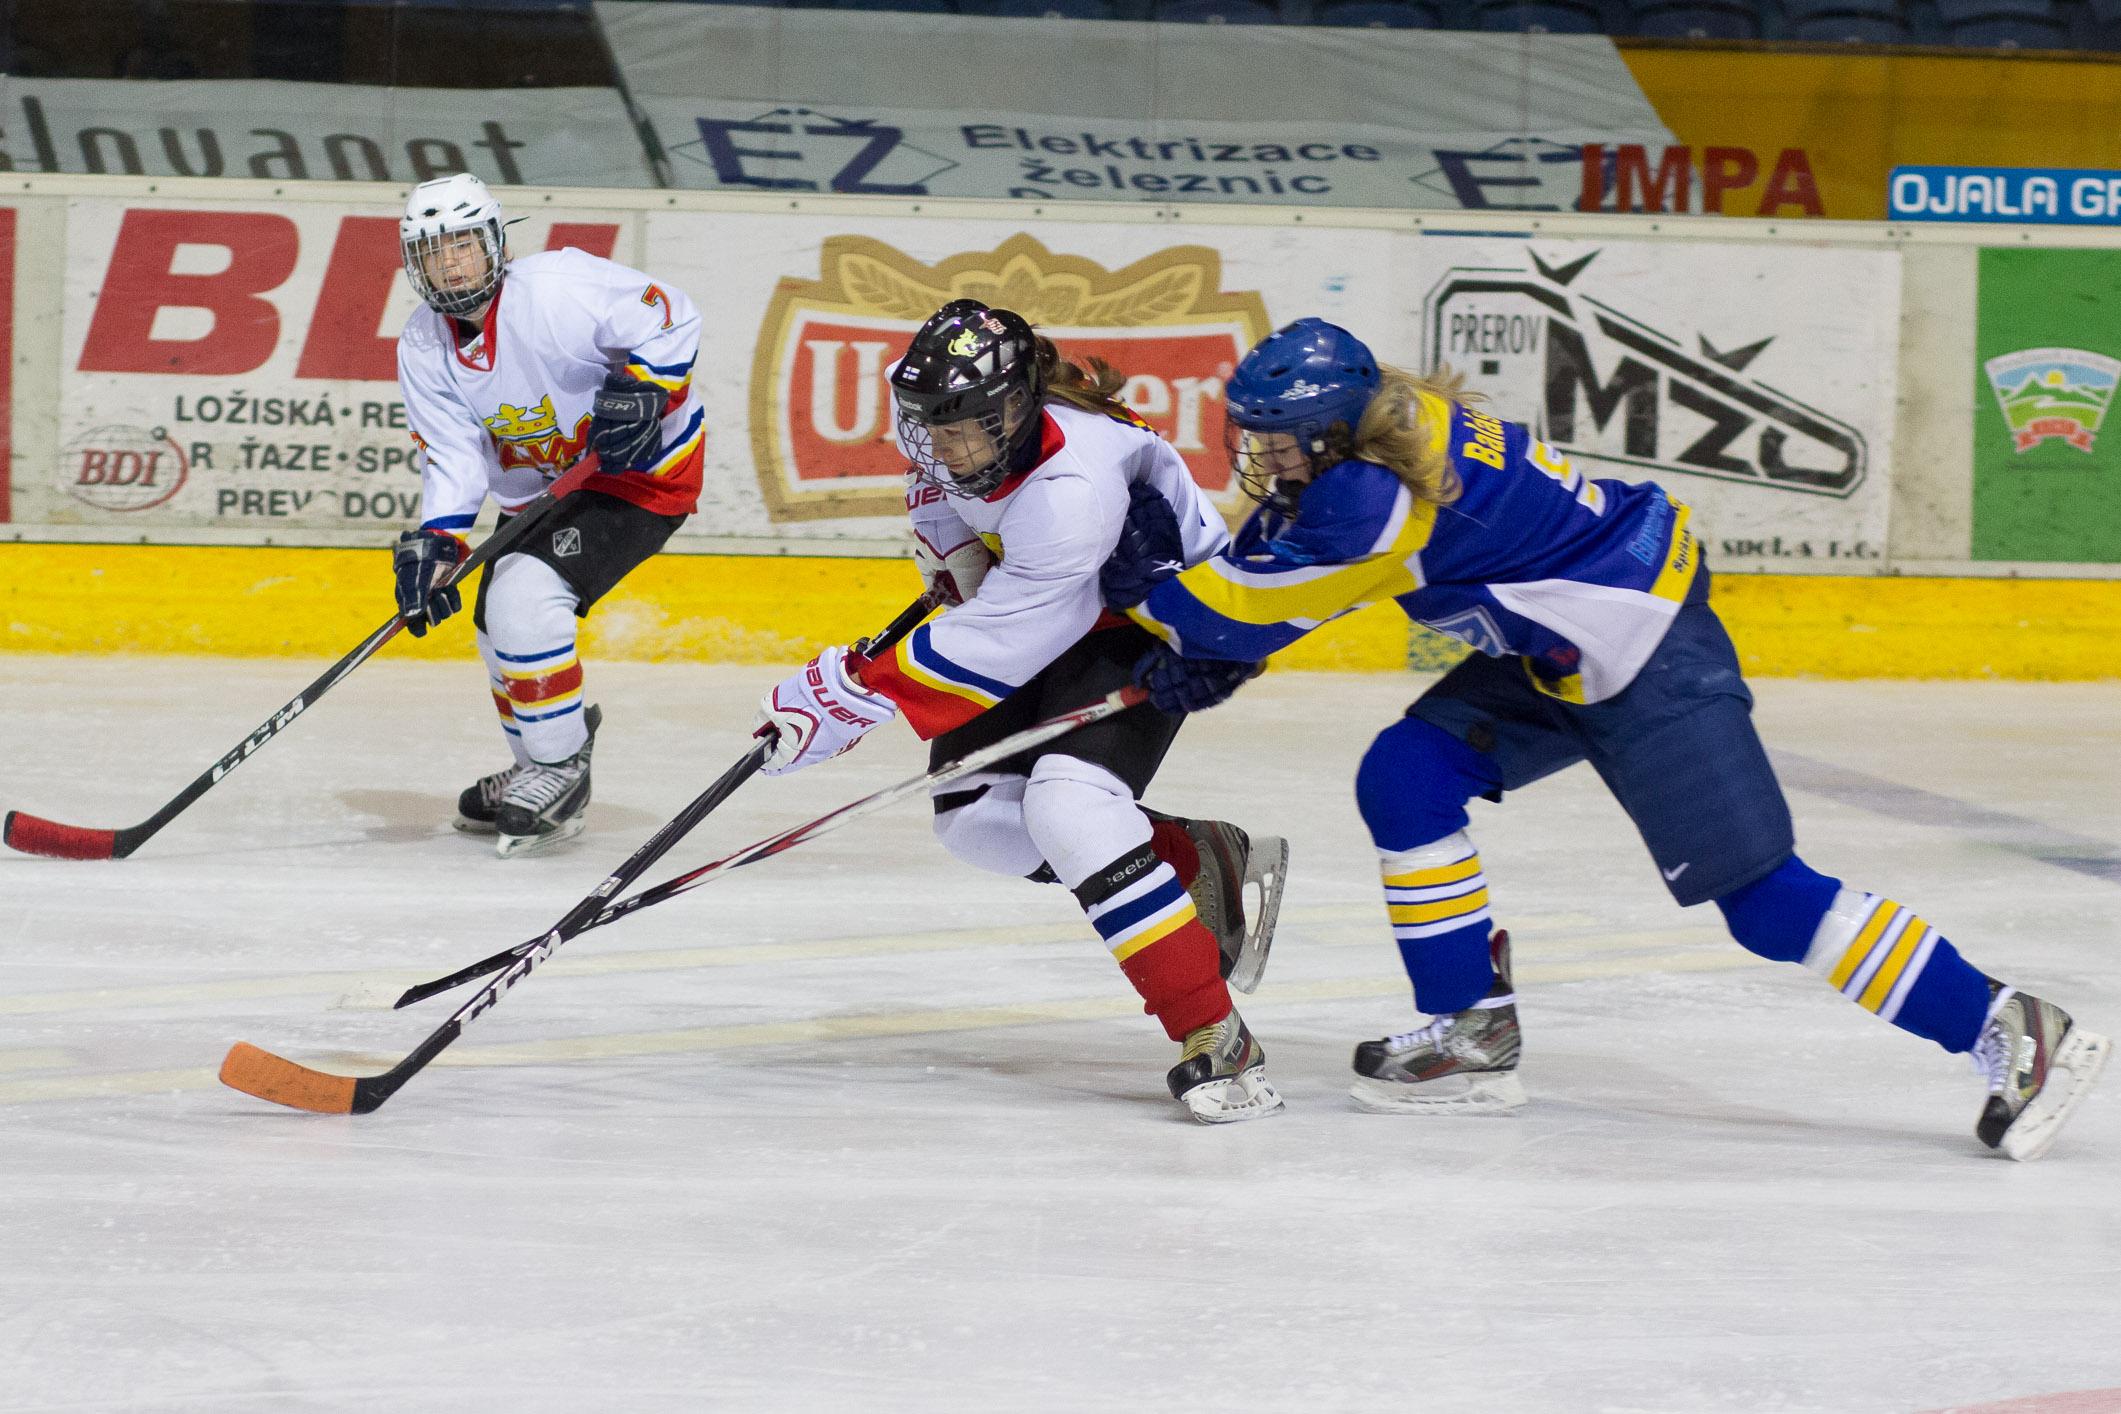 zhkm-zvolen-hc-spisska-nova-ves-hokej-13